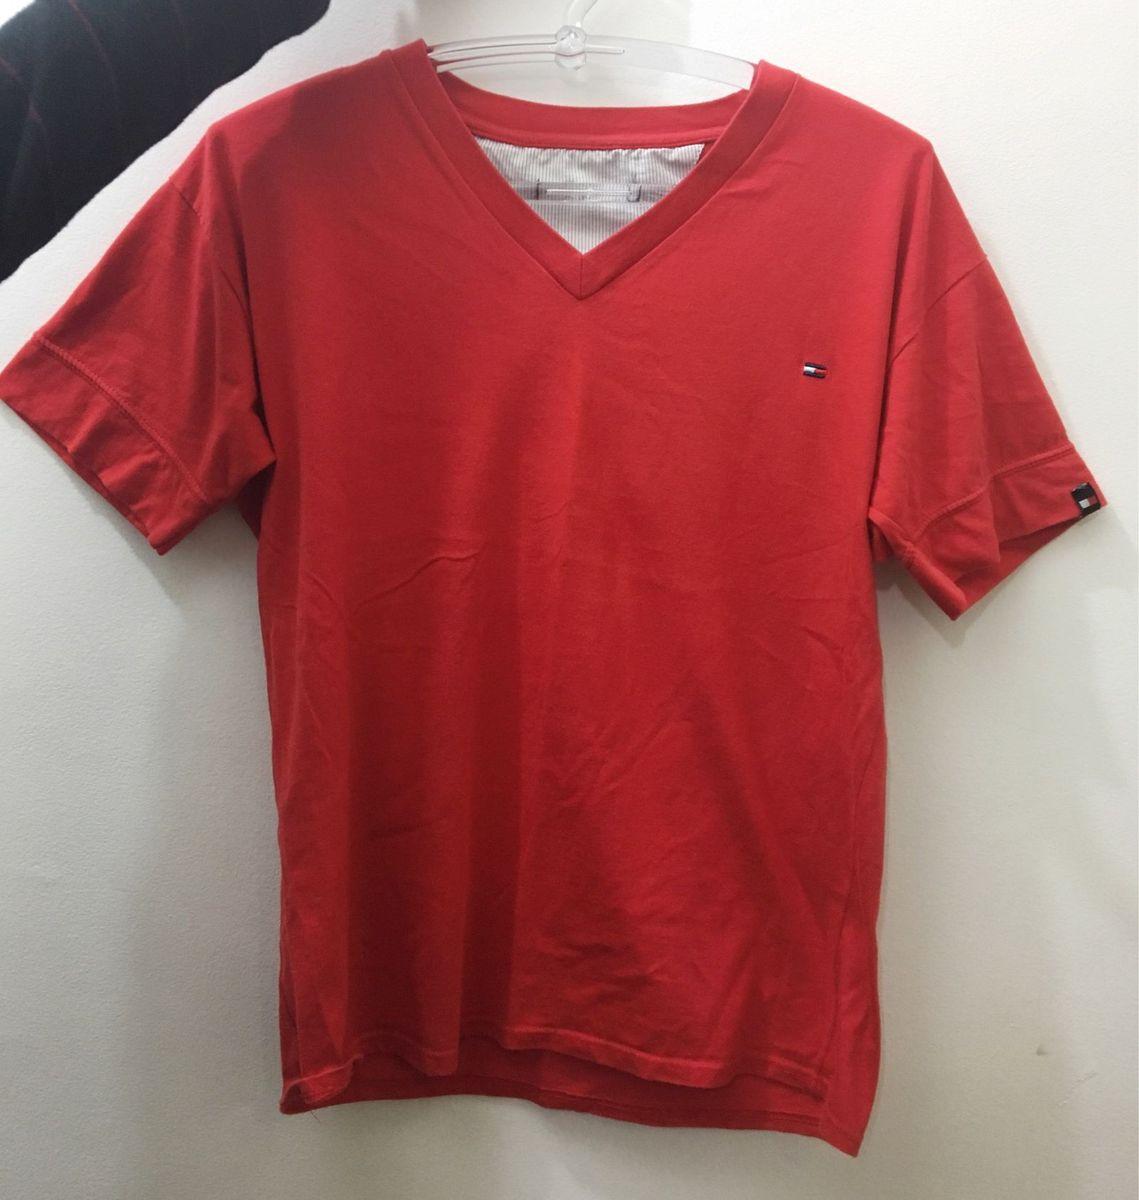 f640a785f0 camiseta gola v - camisetas tommy hilfiger.  Czm6ly9wag90b3muzw5qb2vplmnvbs5ici9wcm9kdwn0cy80njk3mzg5lznhndk0ytg4yjeyogmxmgnjmtbhodu4zmzkytmymtzklmpwzw